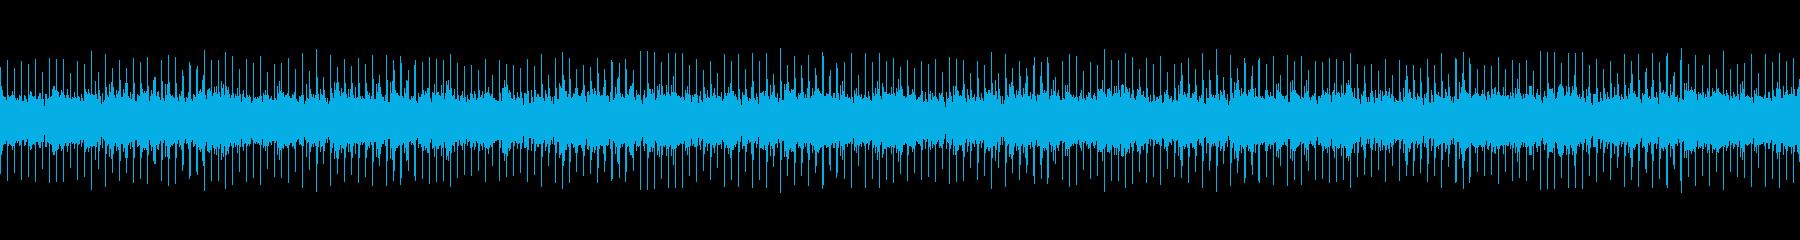 ループで使えるBGMの再生済みの波形